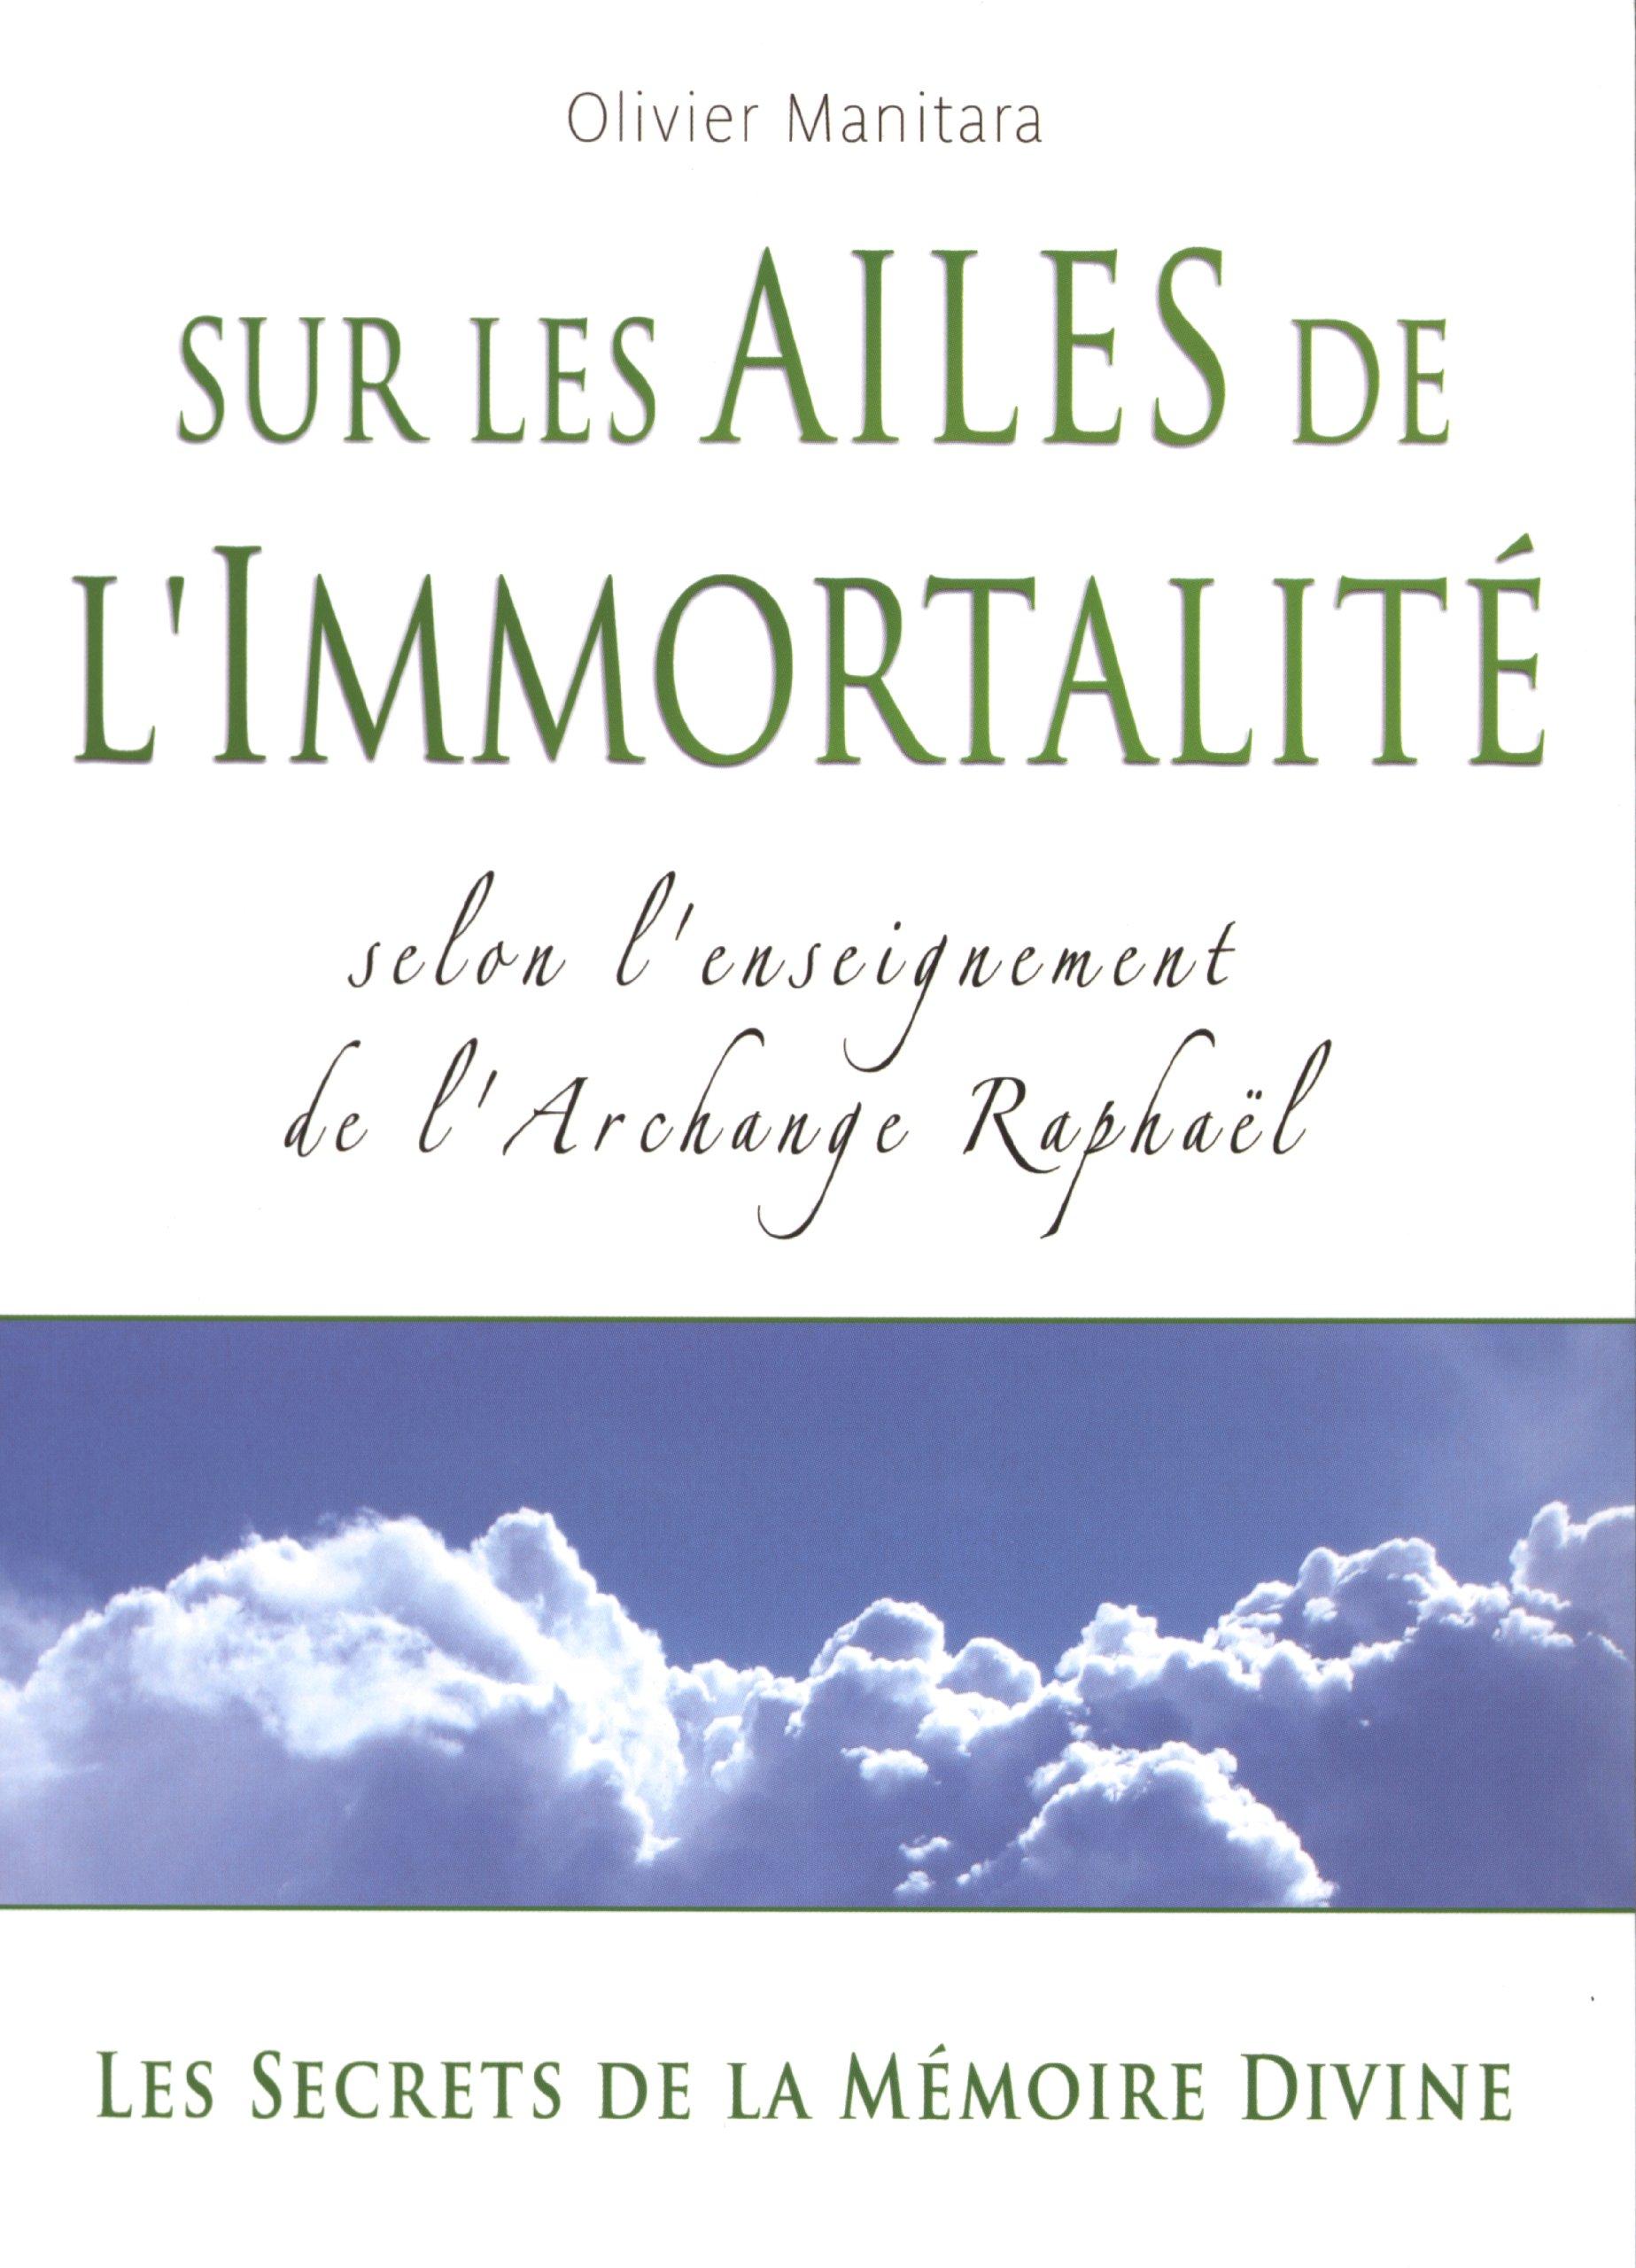 Sur les ailes de l'immortalité Broché – 27 juin 2008 Olivier Manitara Ultima 2915985294 9782915985290_PROL_US